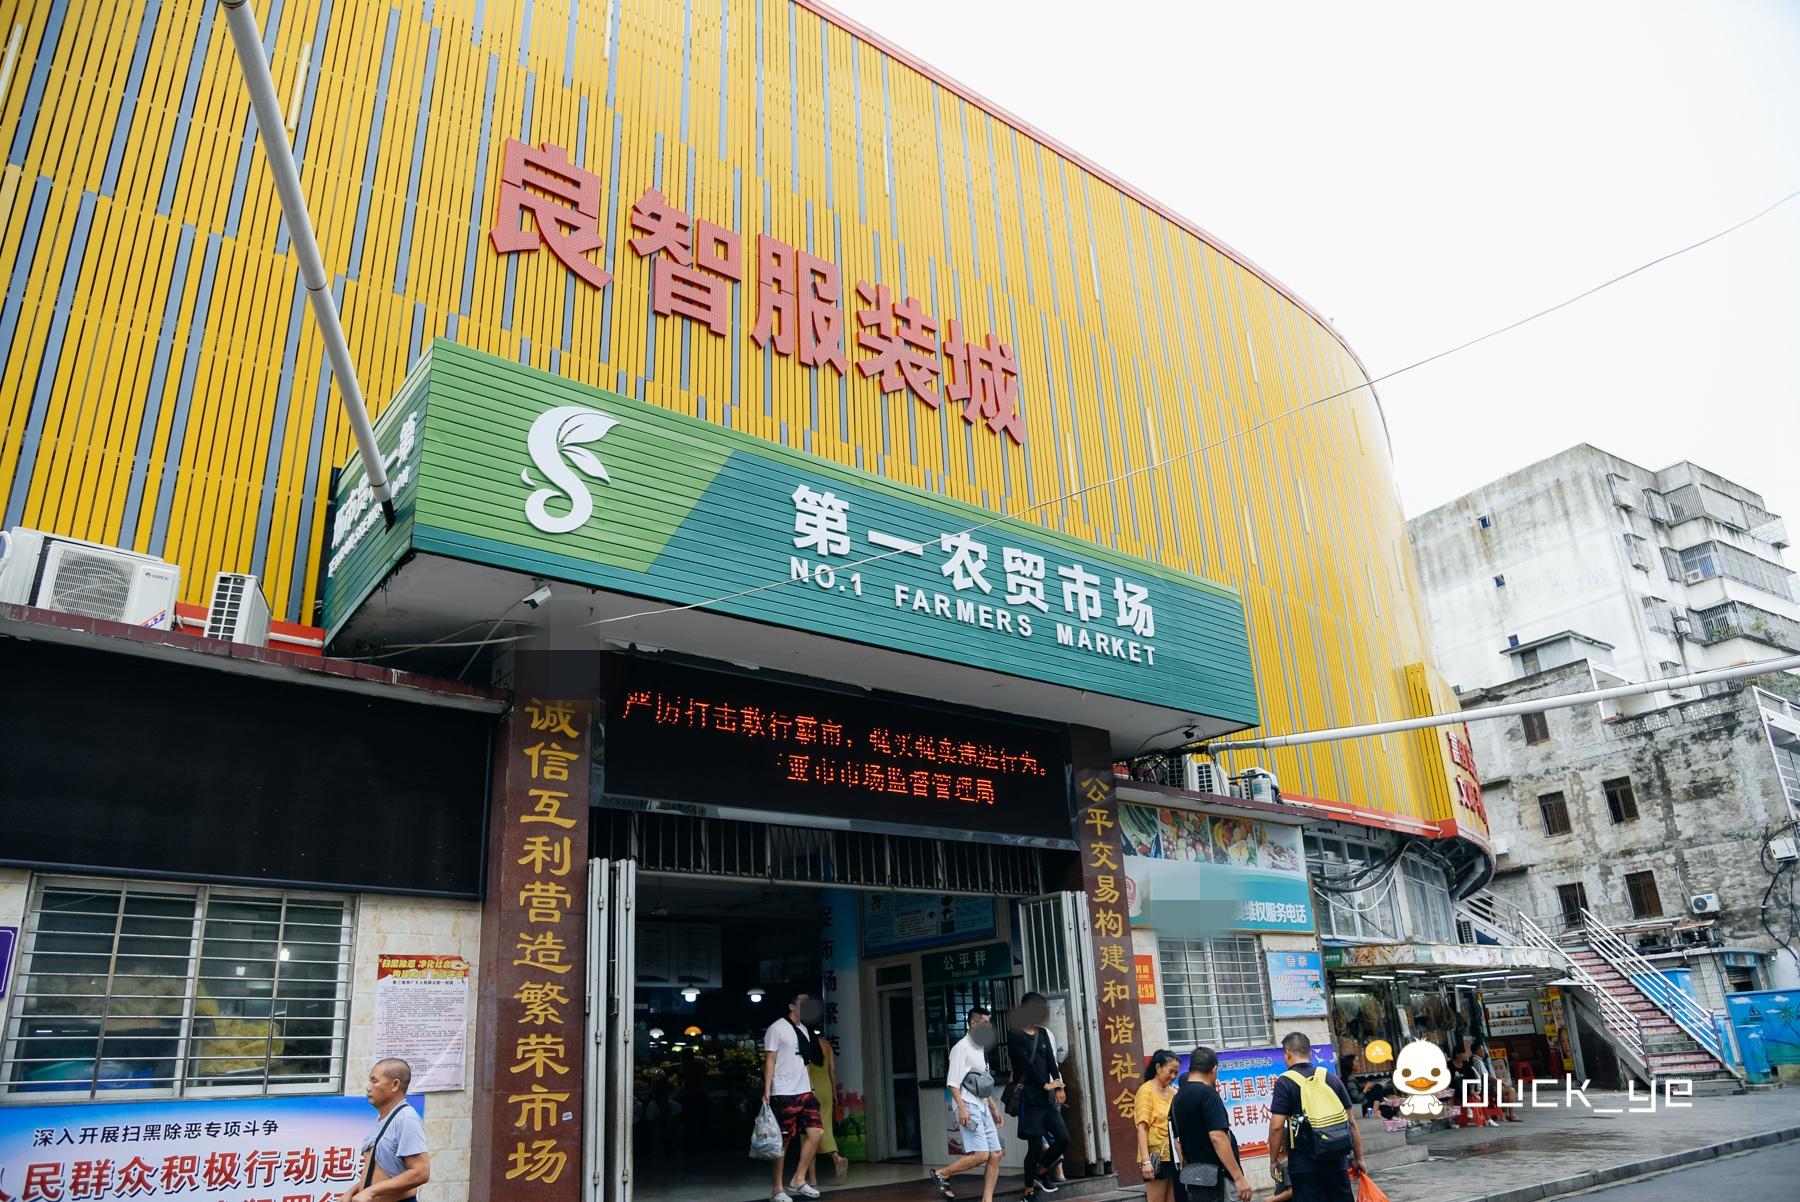 三亚旅游必打卡的第一市场,海鲜琳琅满目,食客感叹:吃货天堂